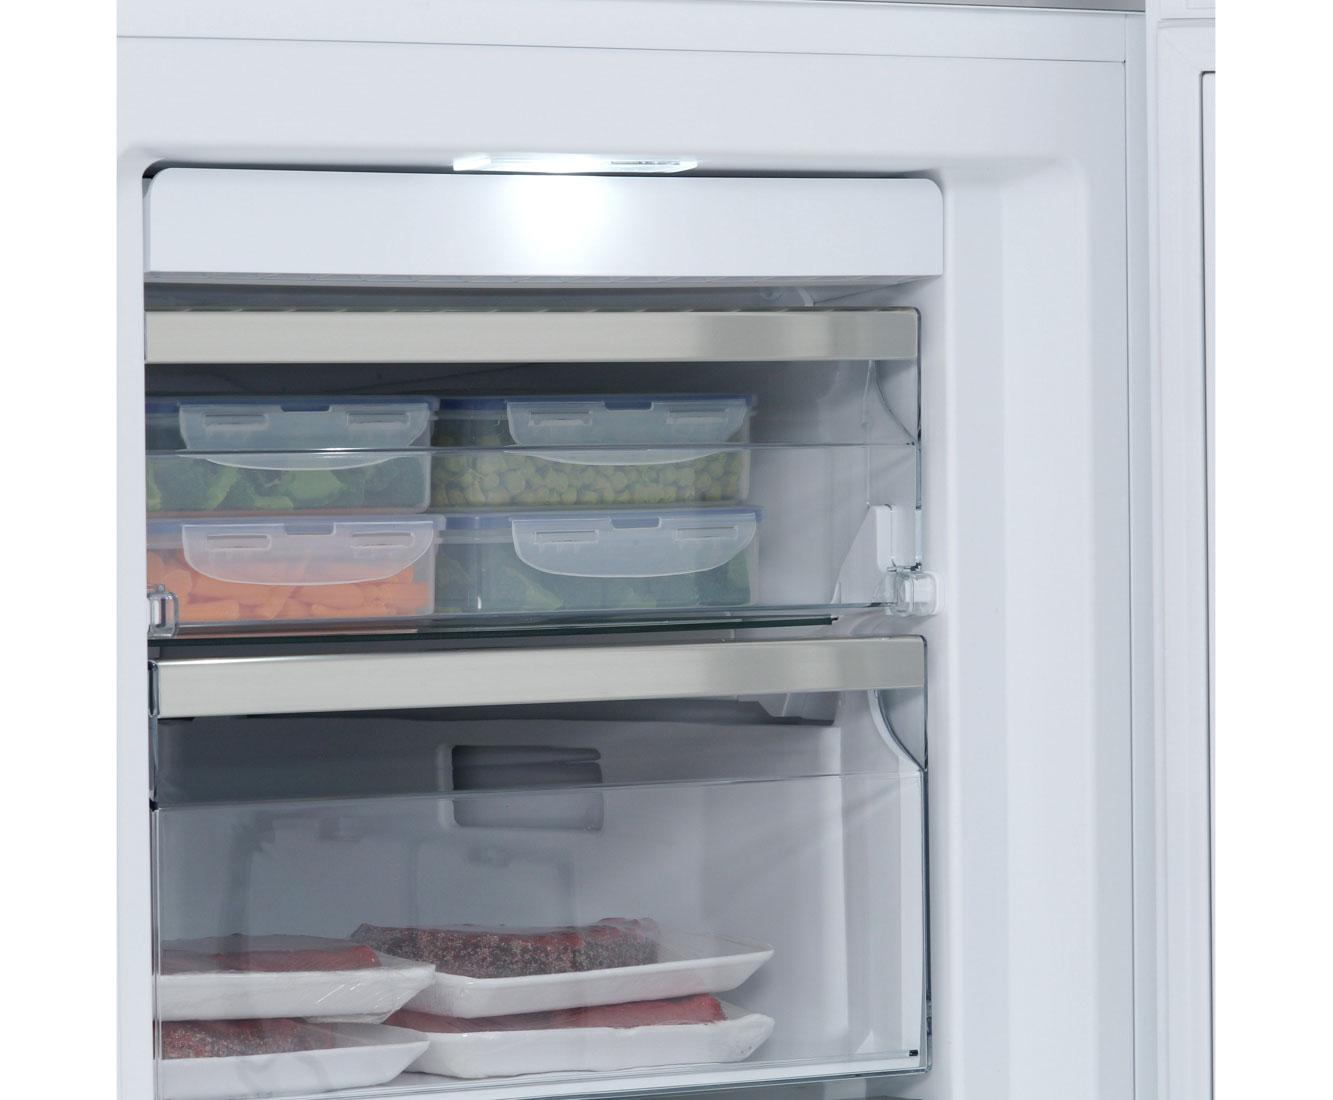 Siemens Kühlschrank Q500 : Siemens gs nfw iq gefrierschrank freistehend weiss neu ebay